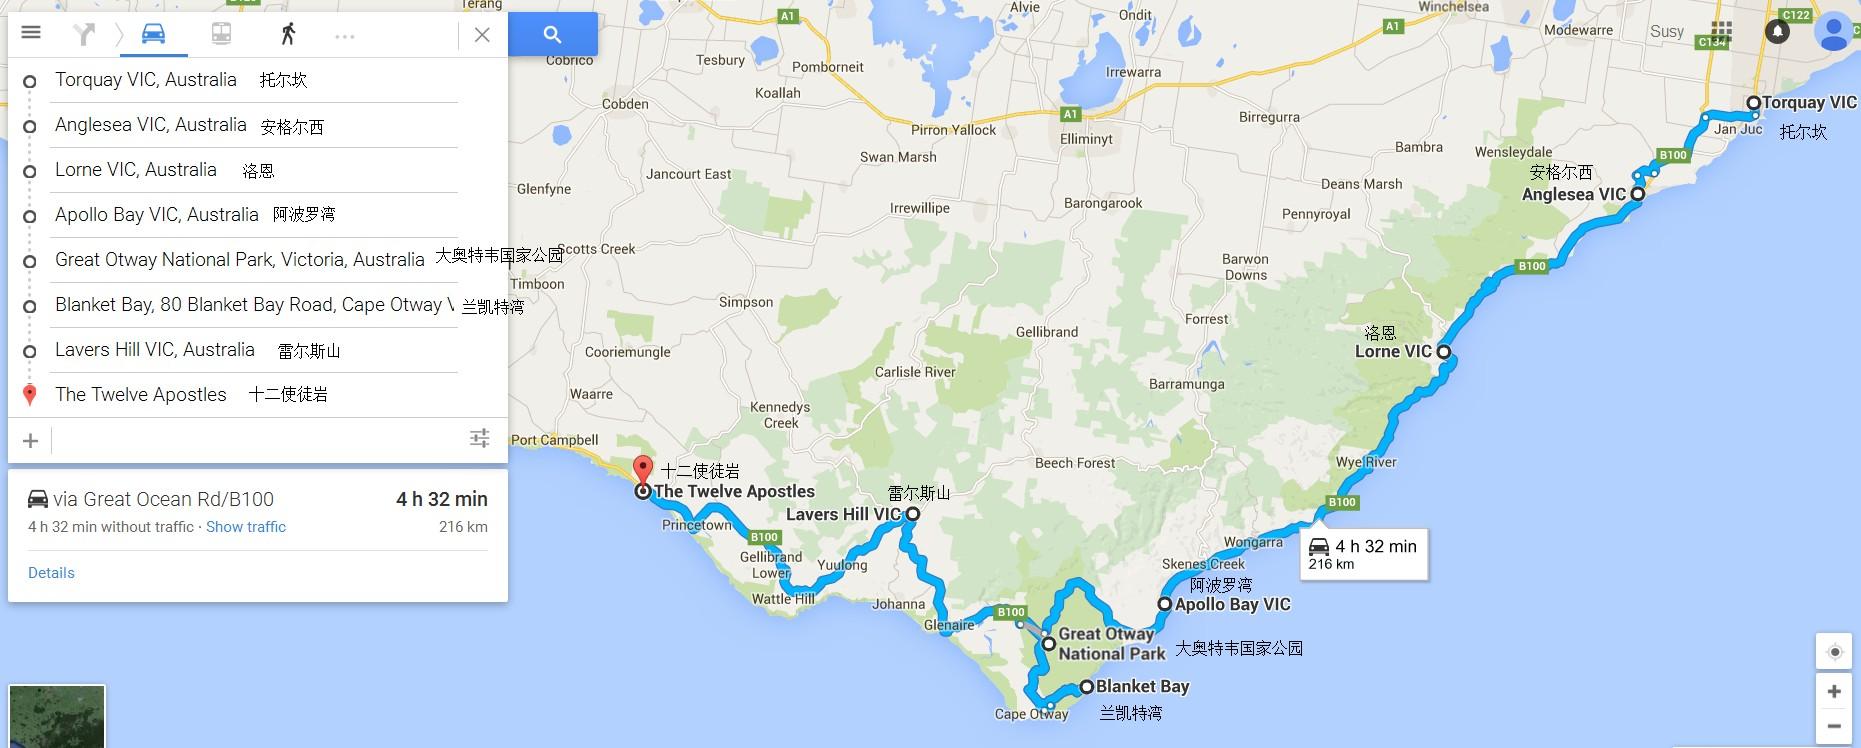 大洋路房车自驾路线图